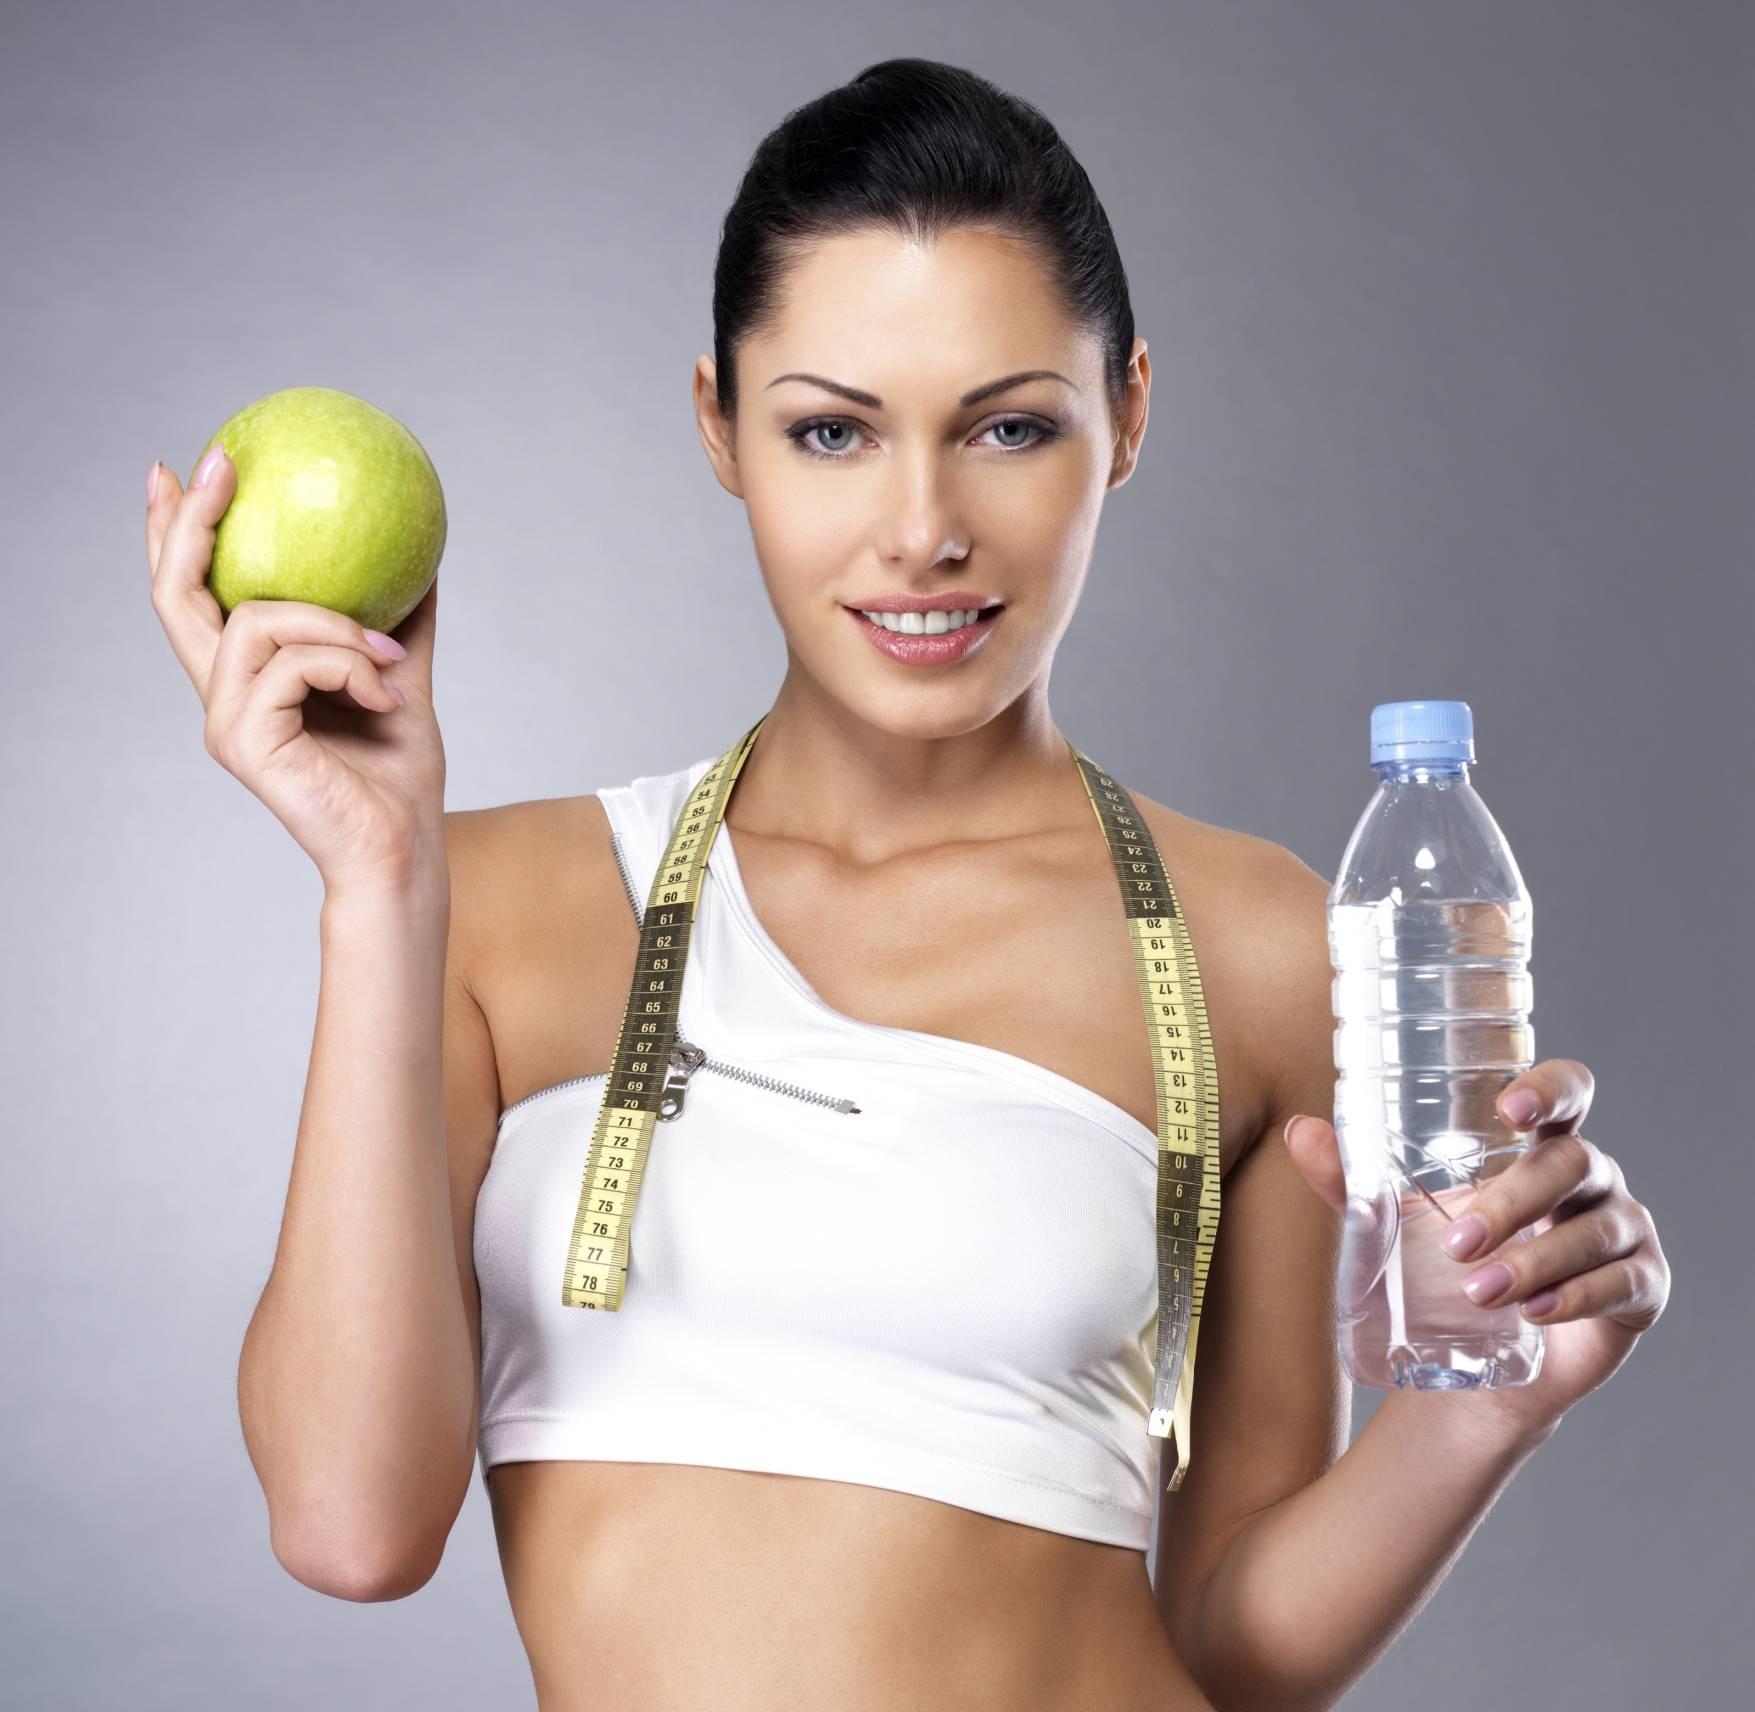 Здоровье человека и его зависимость от образа жизни